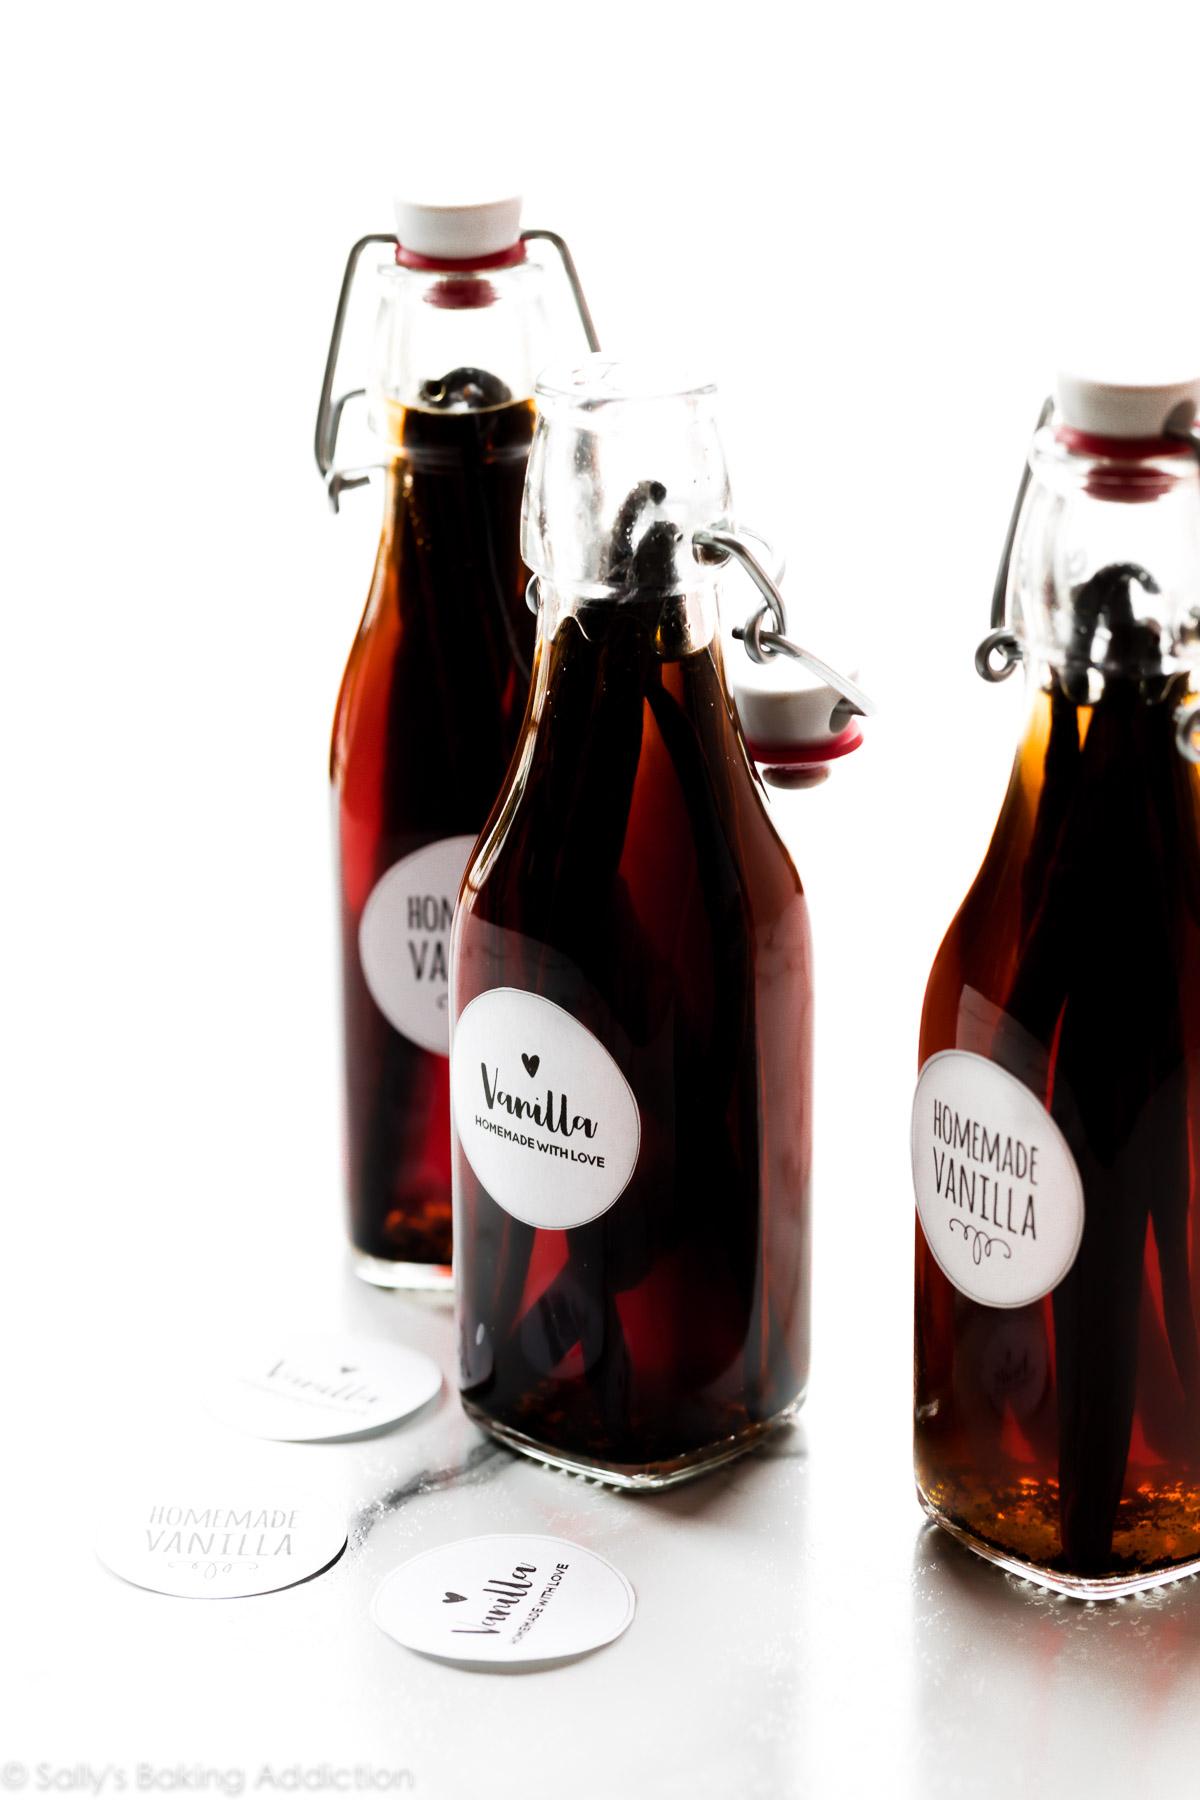 extrait de vanille maison dans des bouteilles en verre